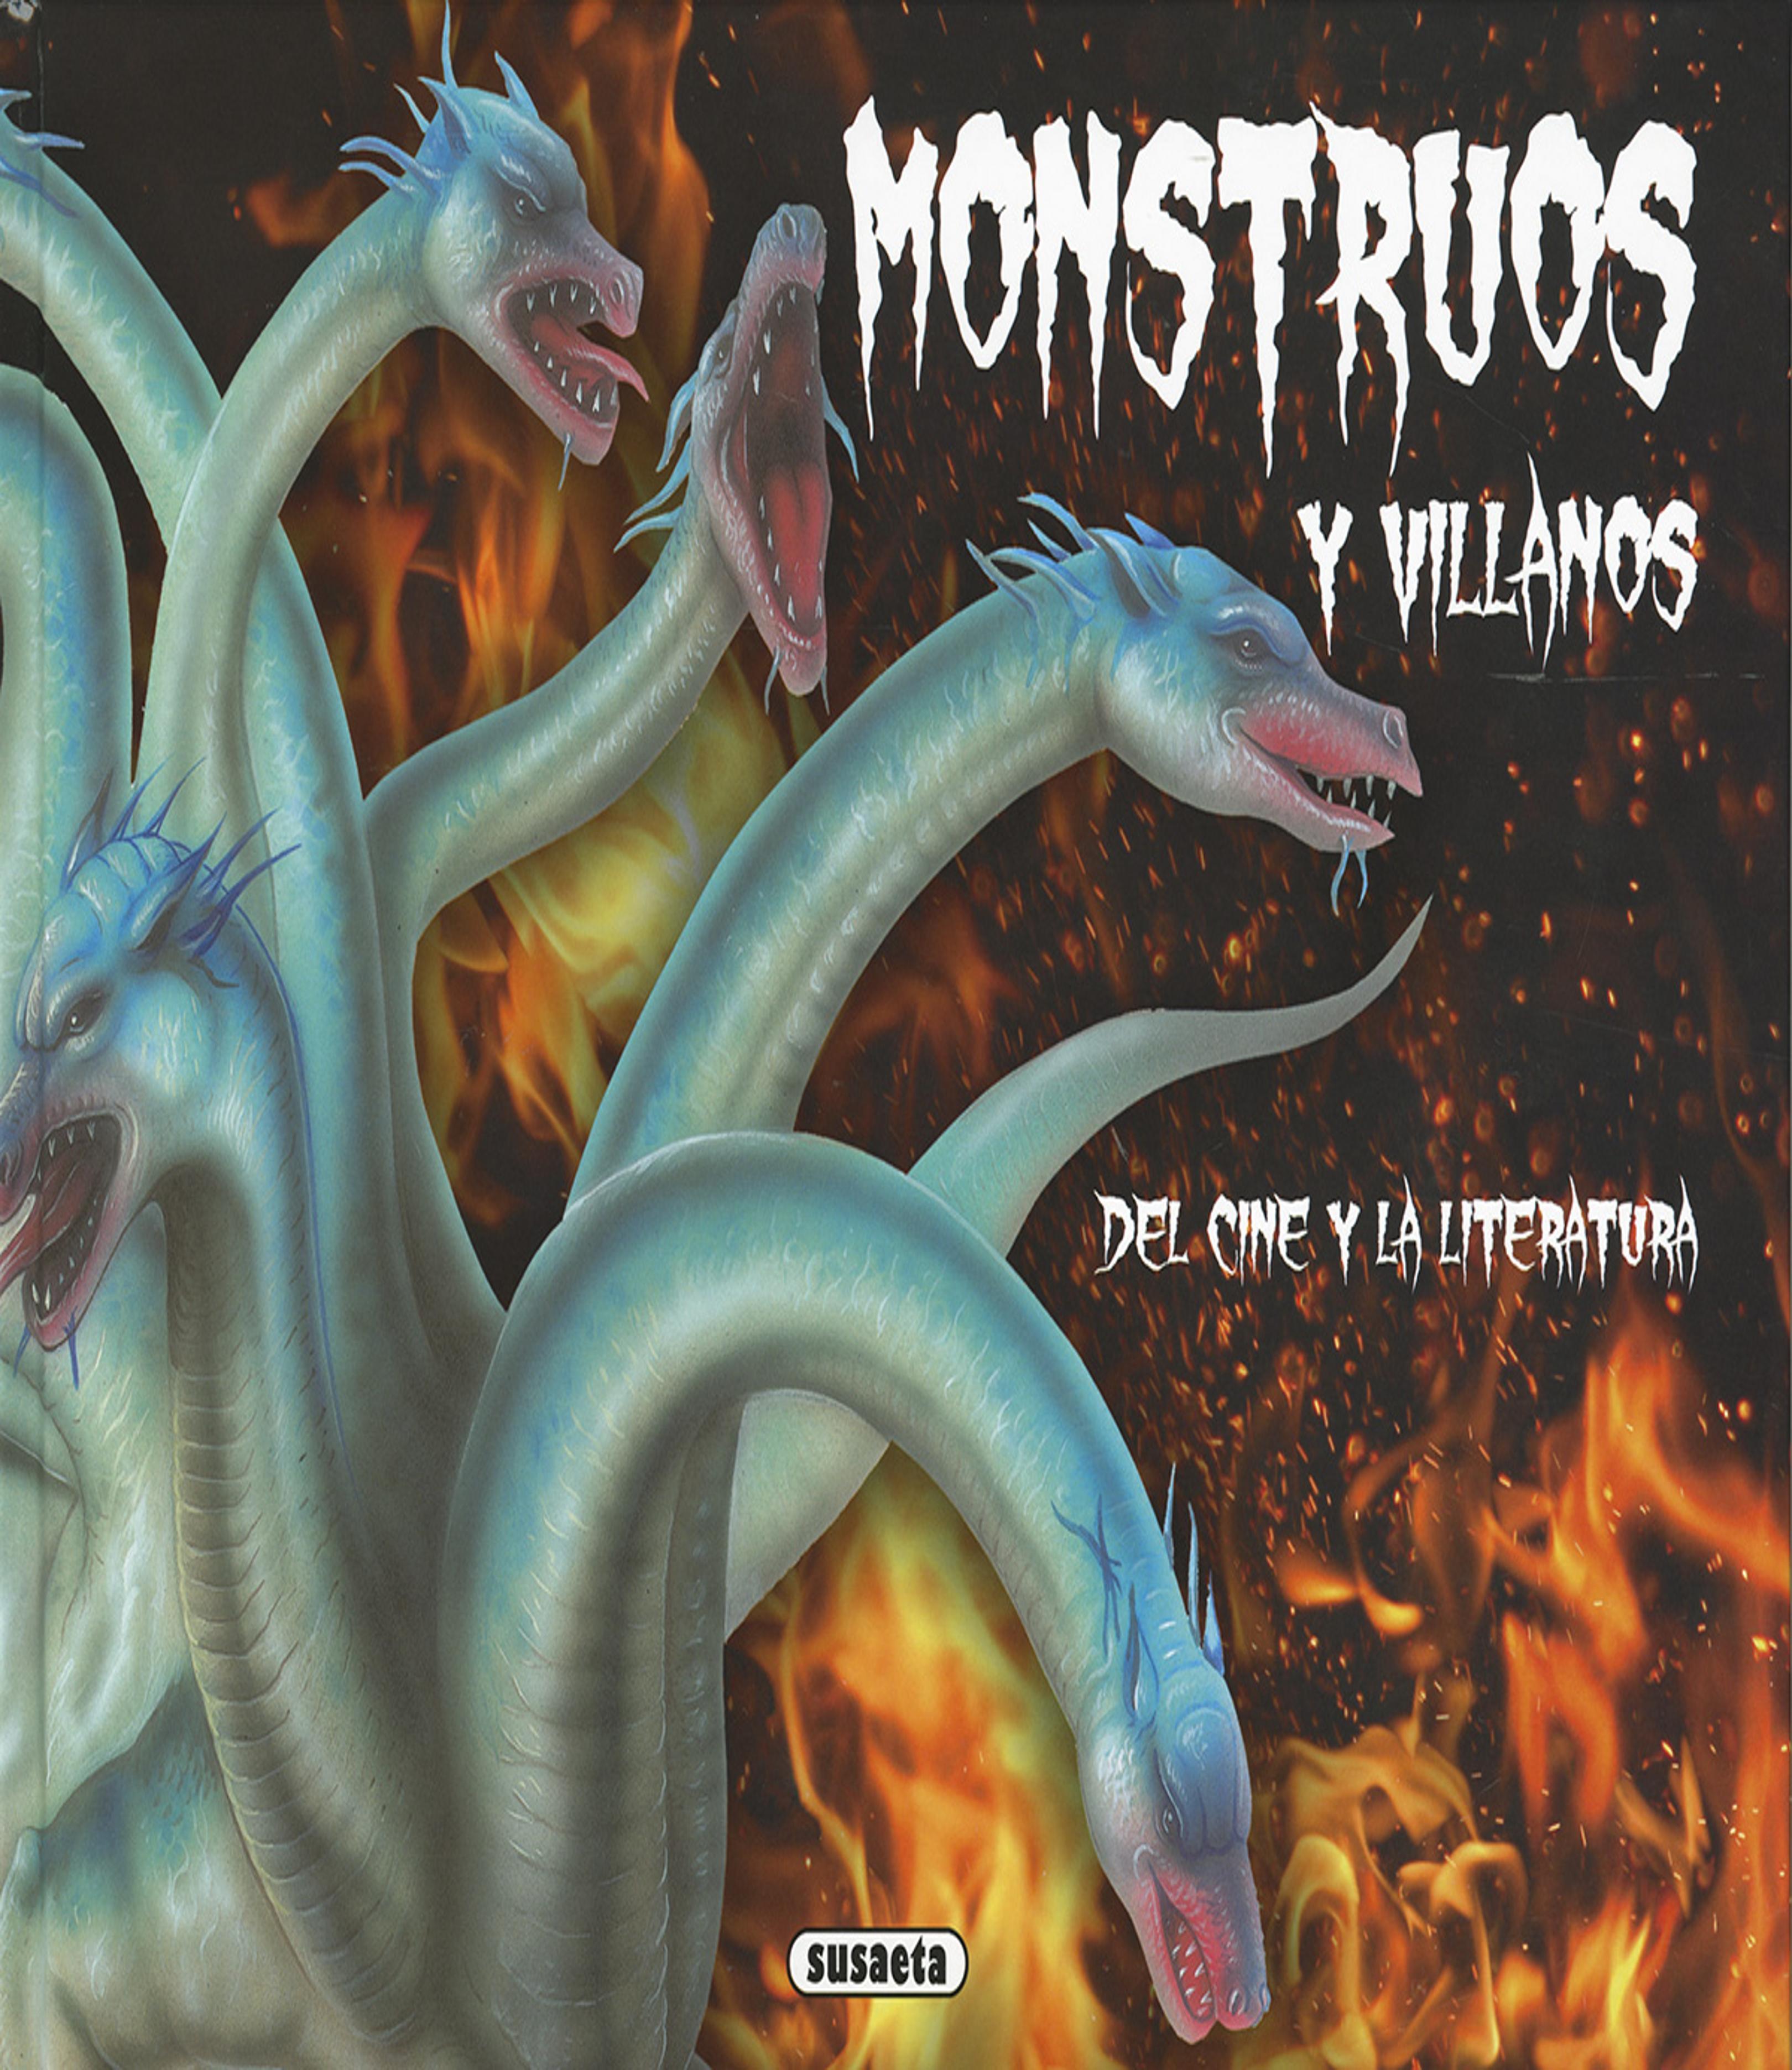 MONSTRUOS Y VILLANOS DEL CINE